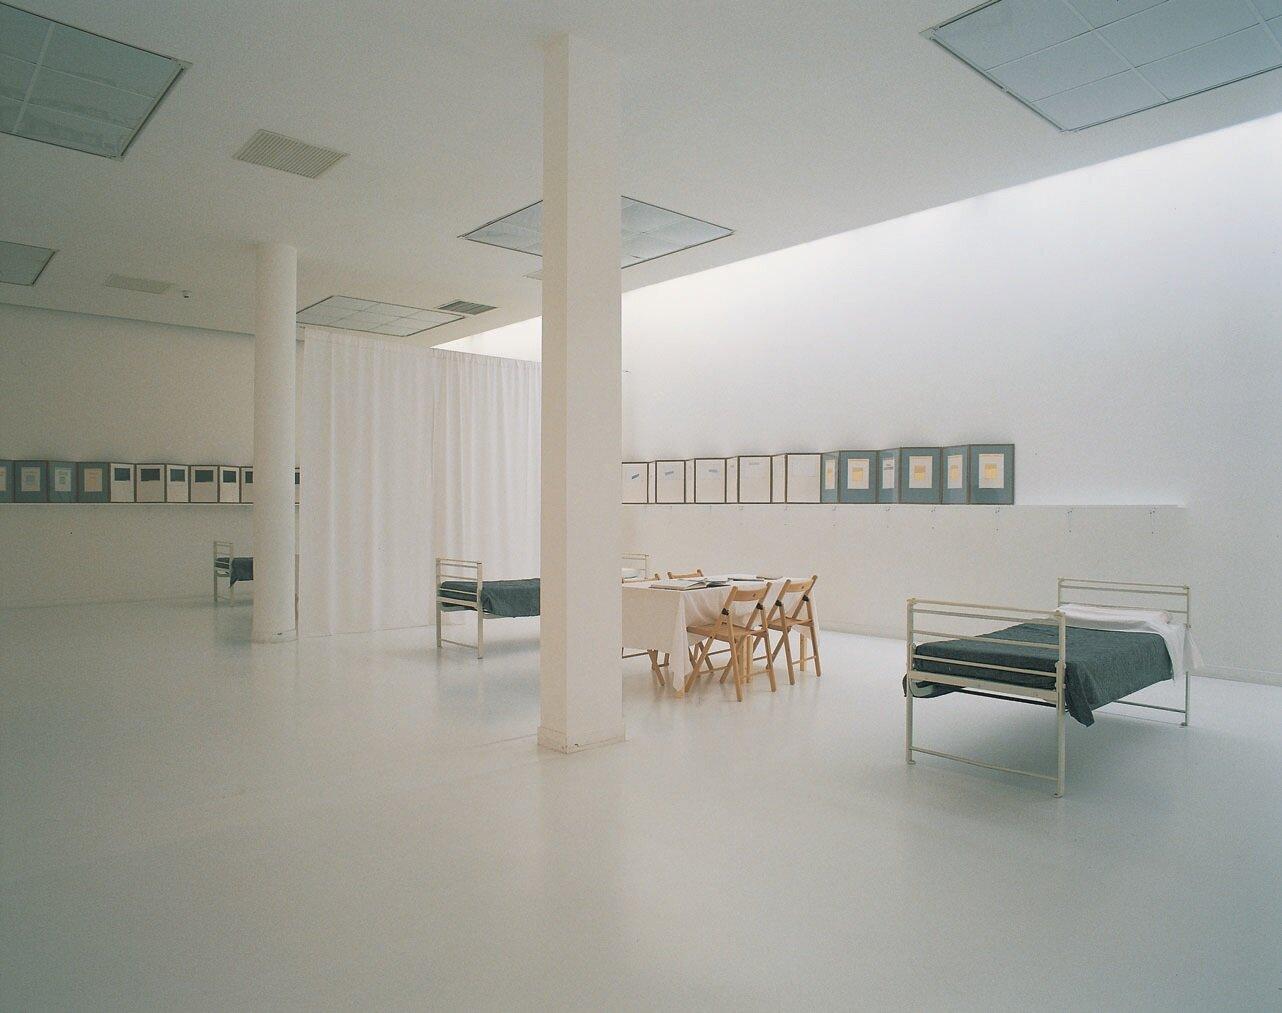 View-of-installation-of-room-1-Reading-Room-Museum-van-Hedendaagse-Kunst-Antwerp-1998-Photo-.jpg